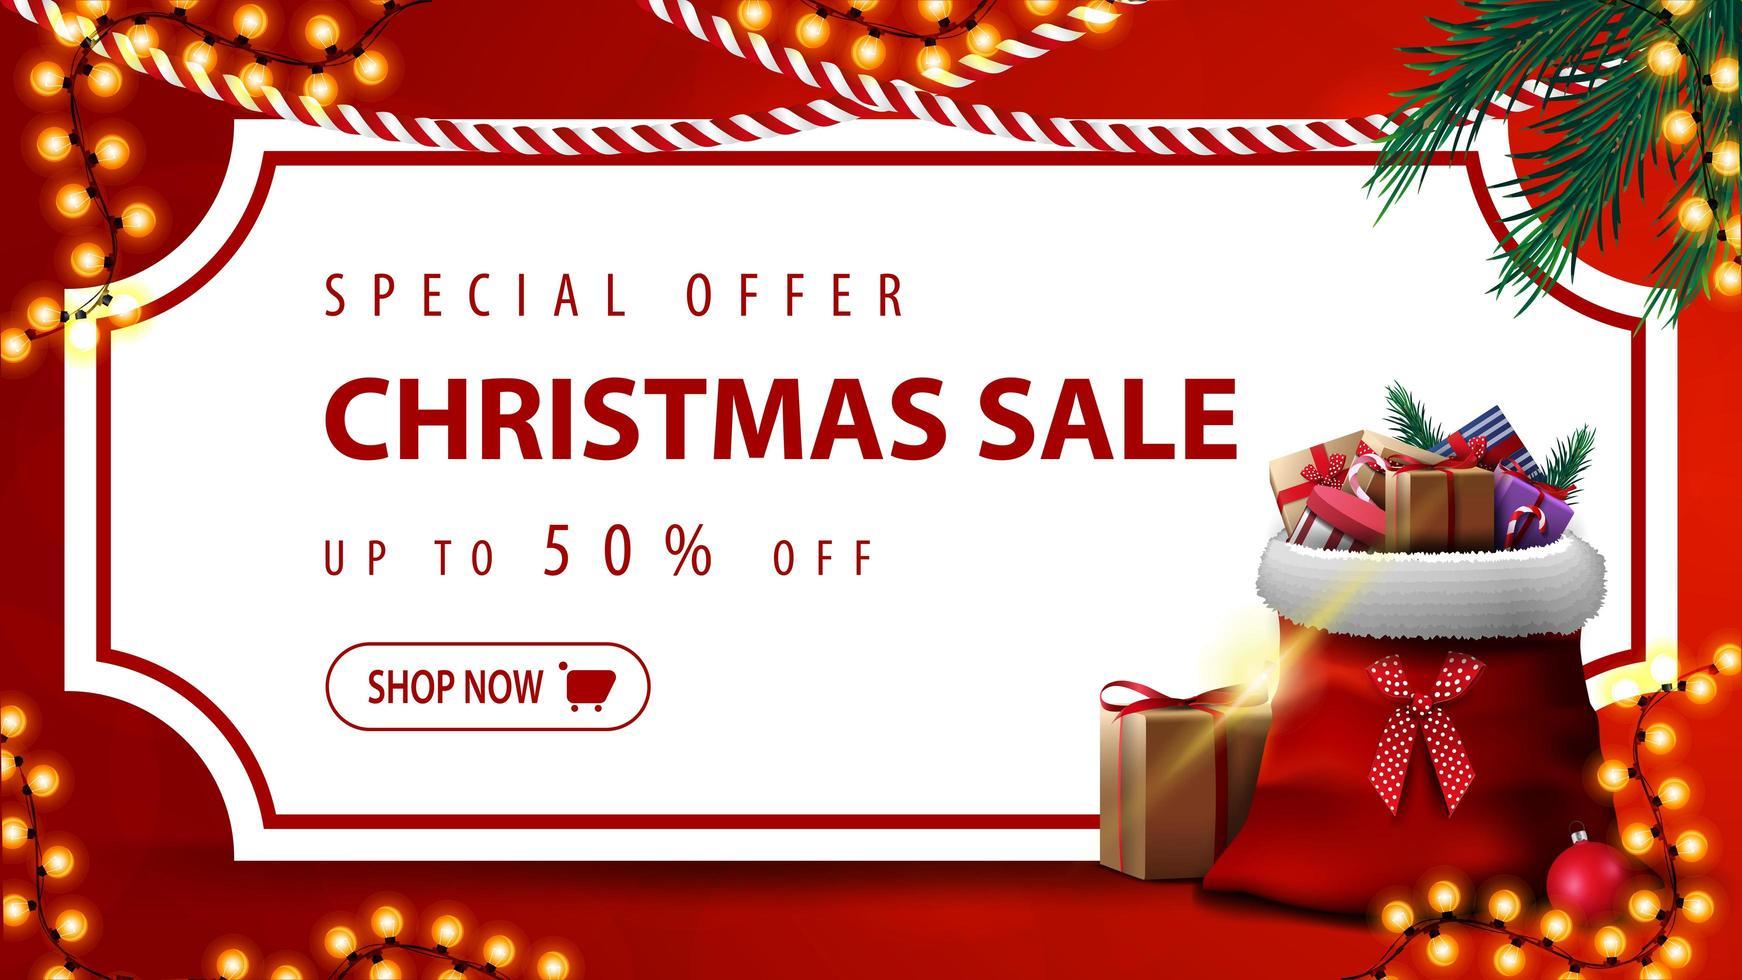 Sonderangebot, Weihnachtsverkauf, bis zu 50 Rabatt, rotes Rabattbanner mit weißem Blatt Papier in Form eines Vintage-Tickets, Weihnachtsbaumzweige, Girlanden und Weihnachtsmann-Tasche mit Geschenken vektor